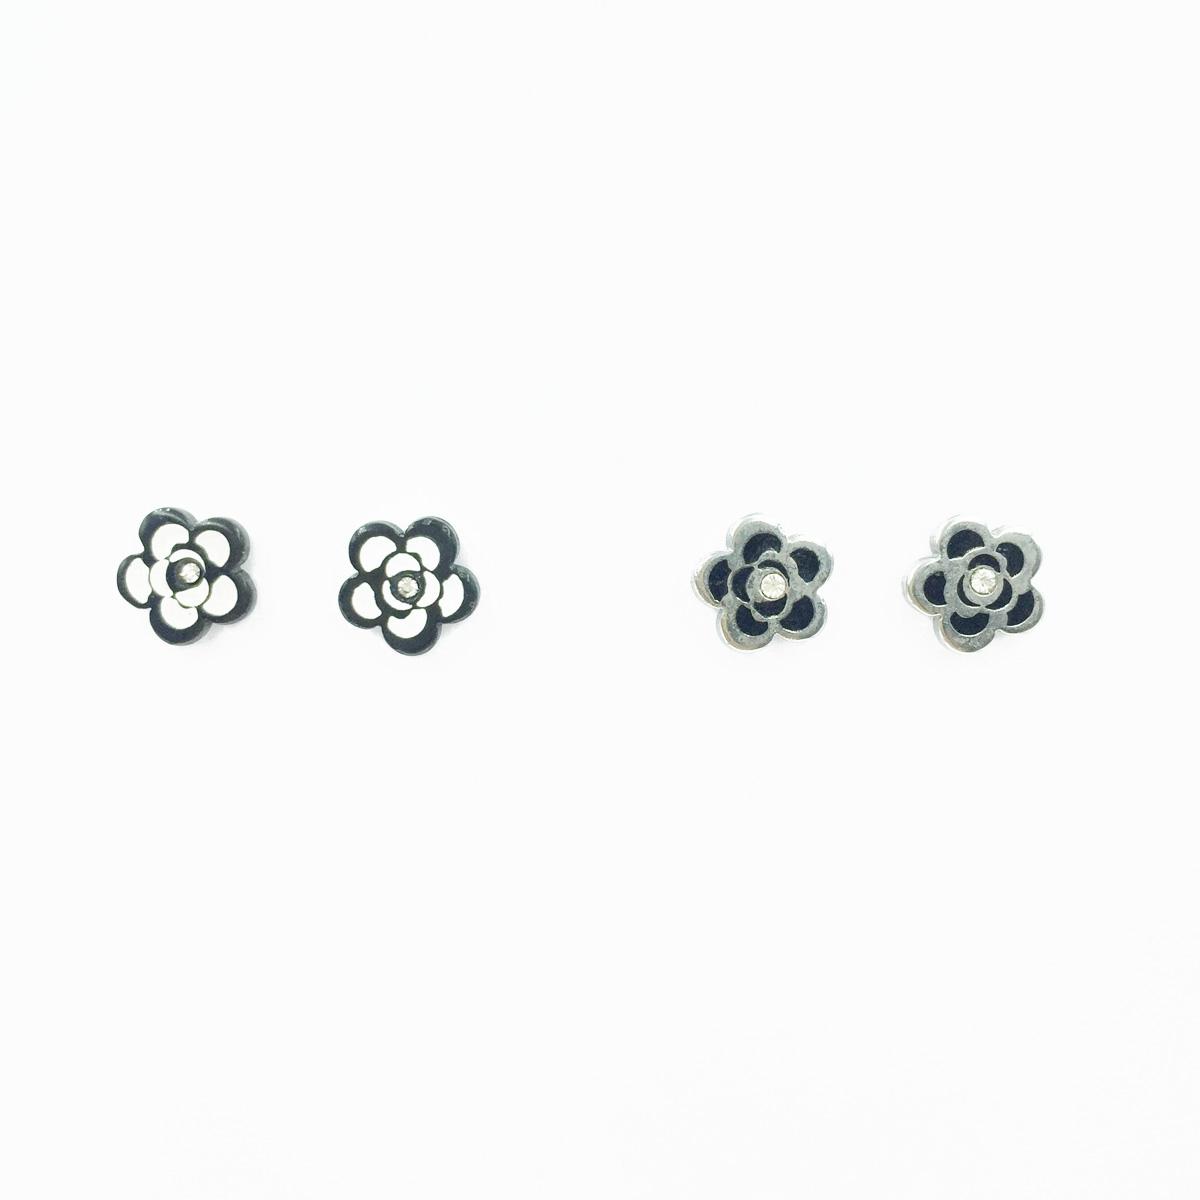 韓國 不鏽鋼 花圖型 閃耀單鑽 甜美風 銀色 黑色 2色 後轉式耳環